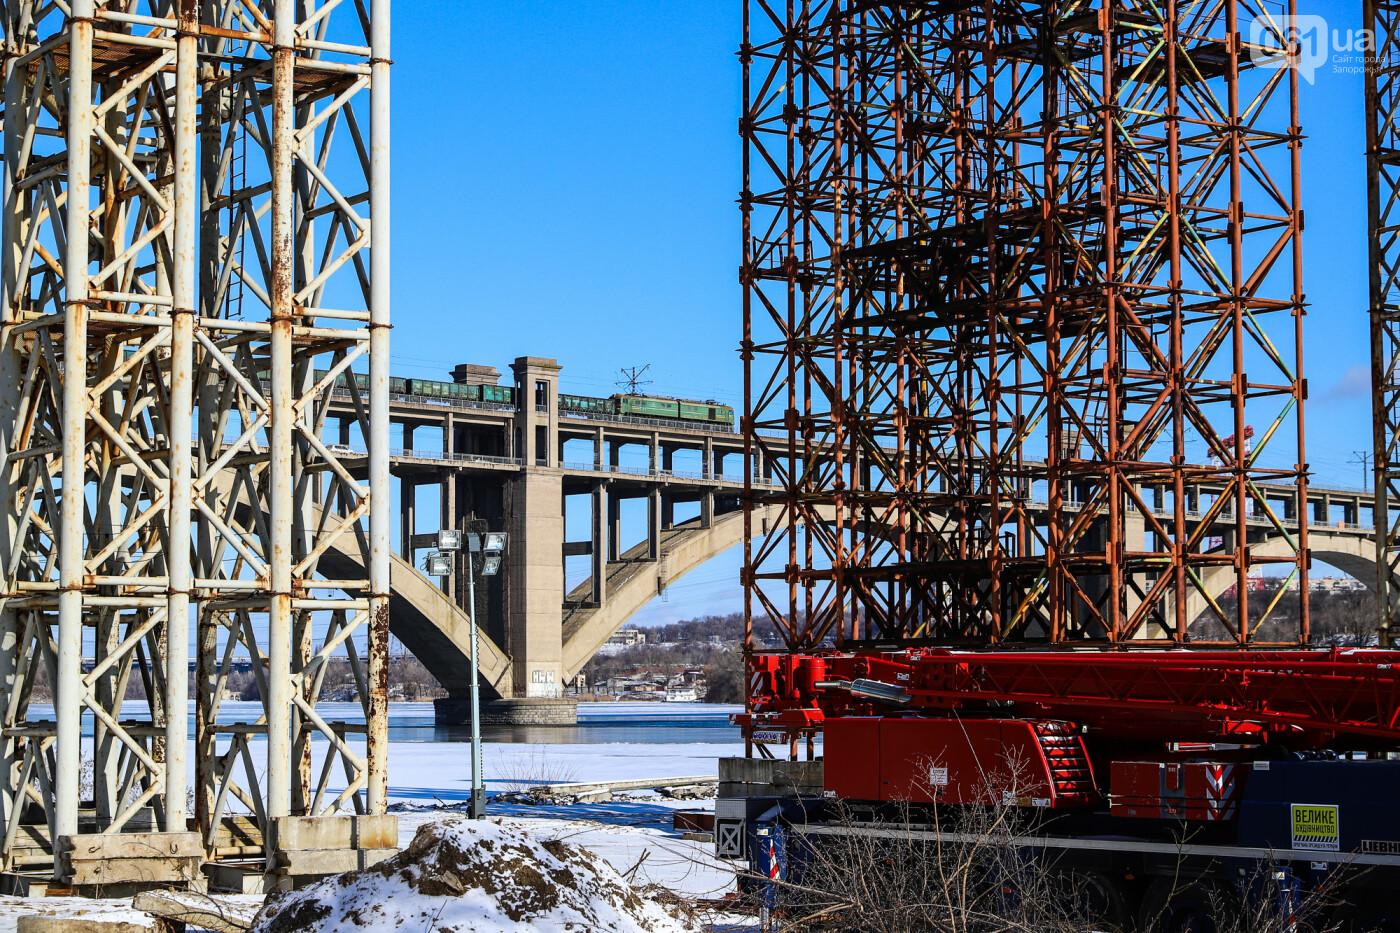 Кран с иностранной пропиской, ванты и металл: строительство запорожских мостов в фотографиях, фото-46